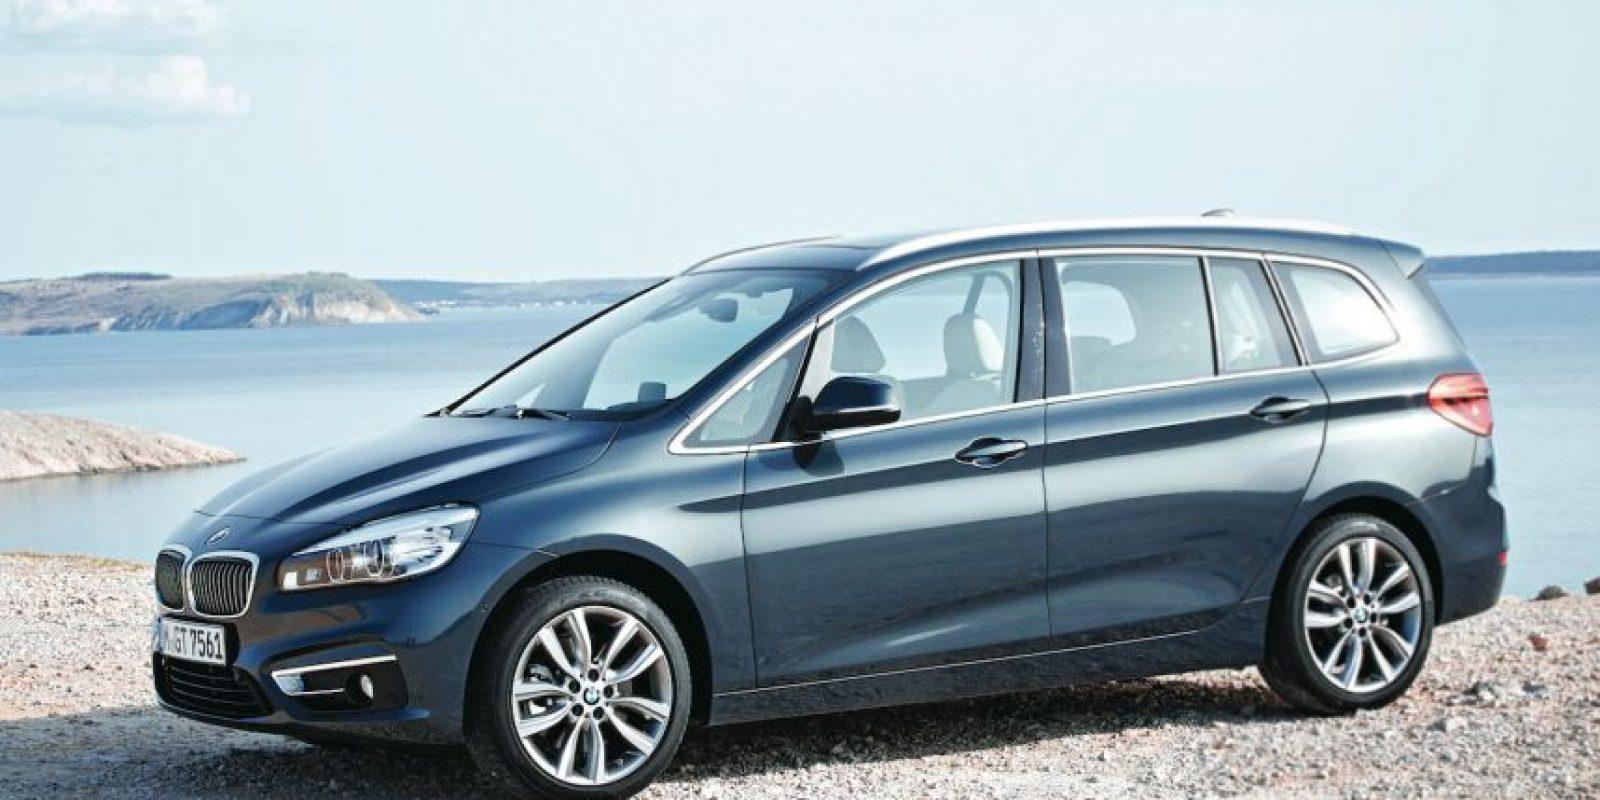 Tanto el diseño exterior como el interior son de calidad excepcional. Los materiales y ensambles son los correctos, todo con calidad Premium. Siete pasajeros disfrutarán de la buena marcha. Foto:BMW